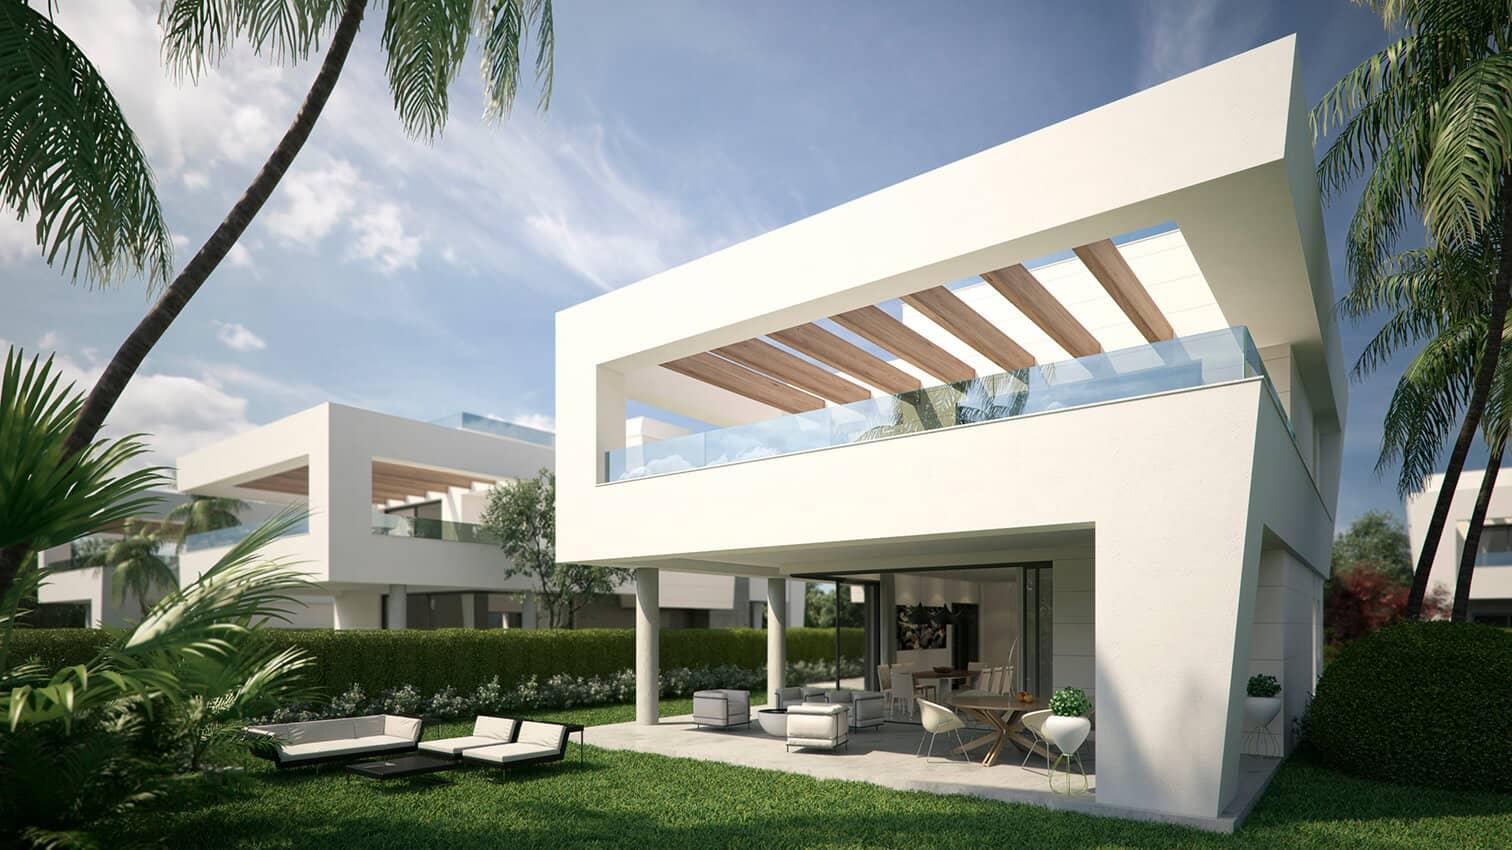 Perlas del mar: moderne nieuwbouw villas bij zee & centrum san pedro